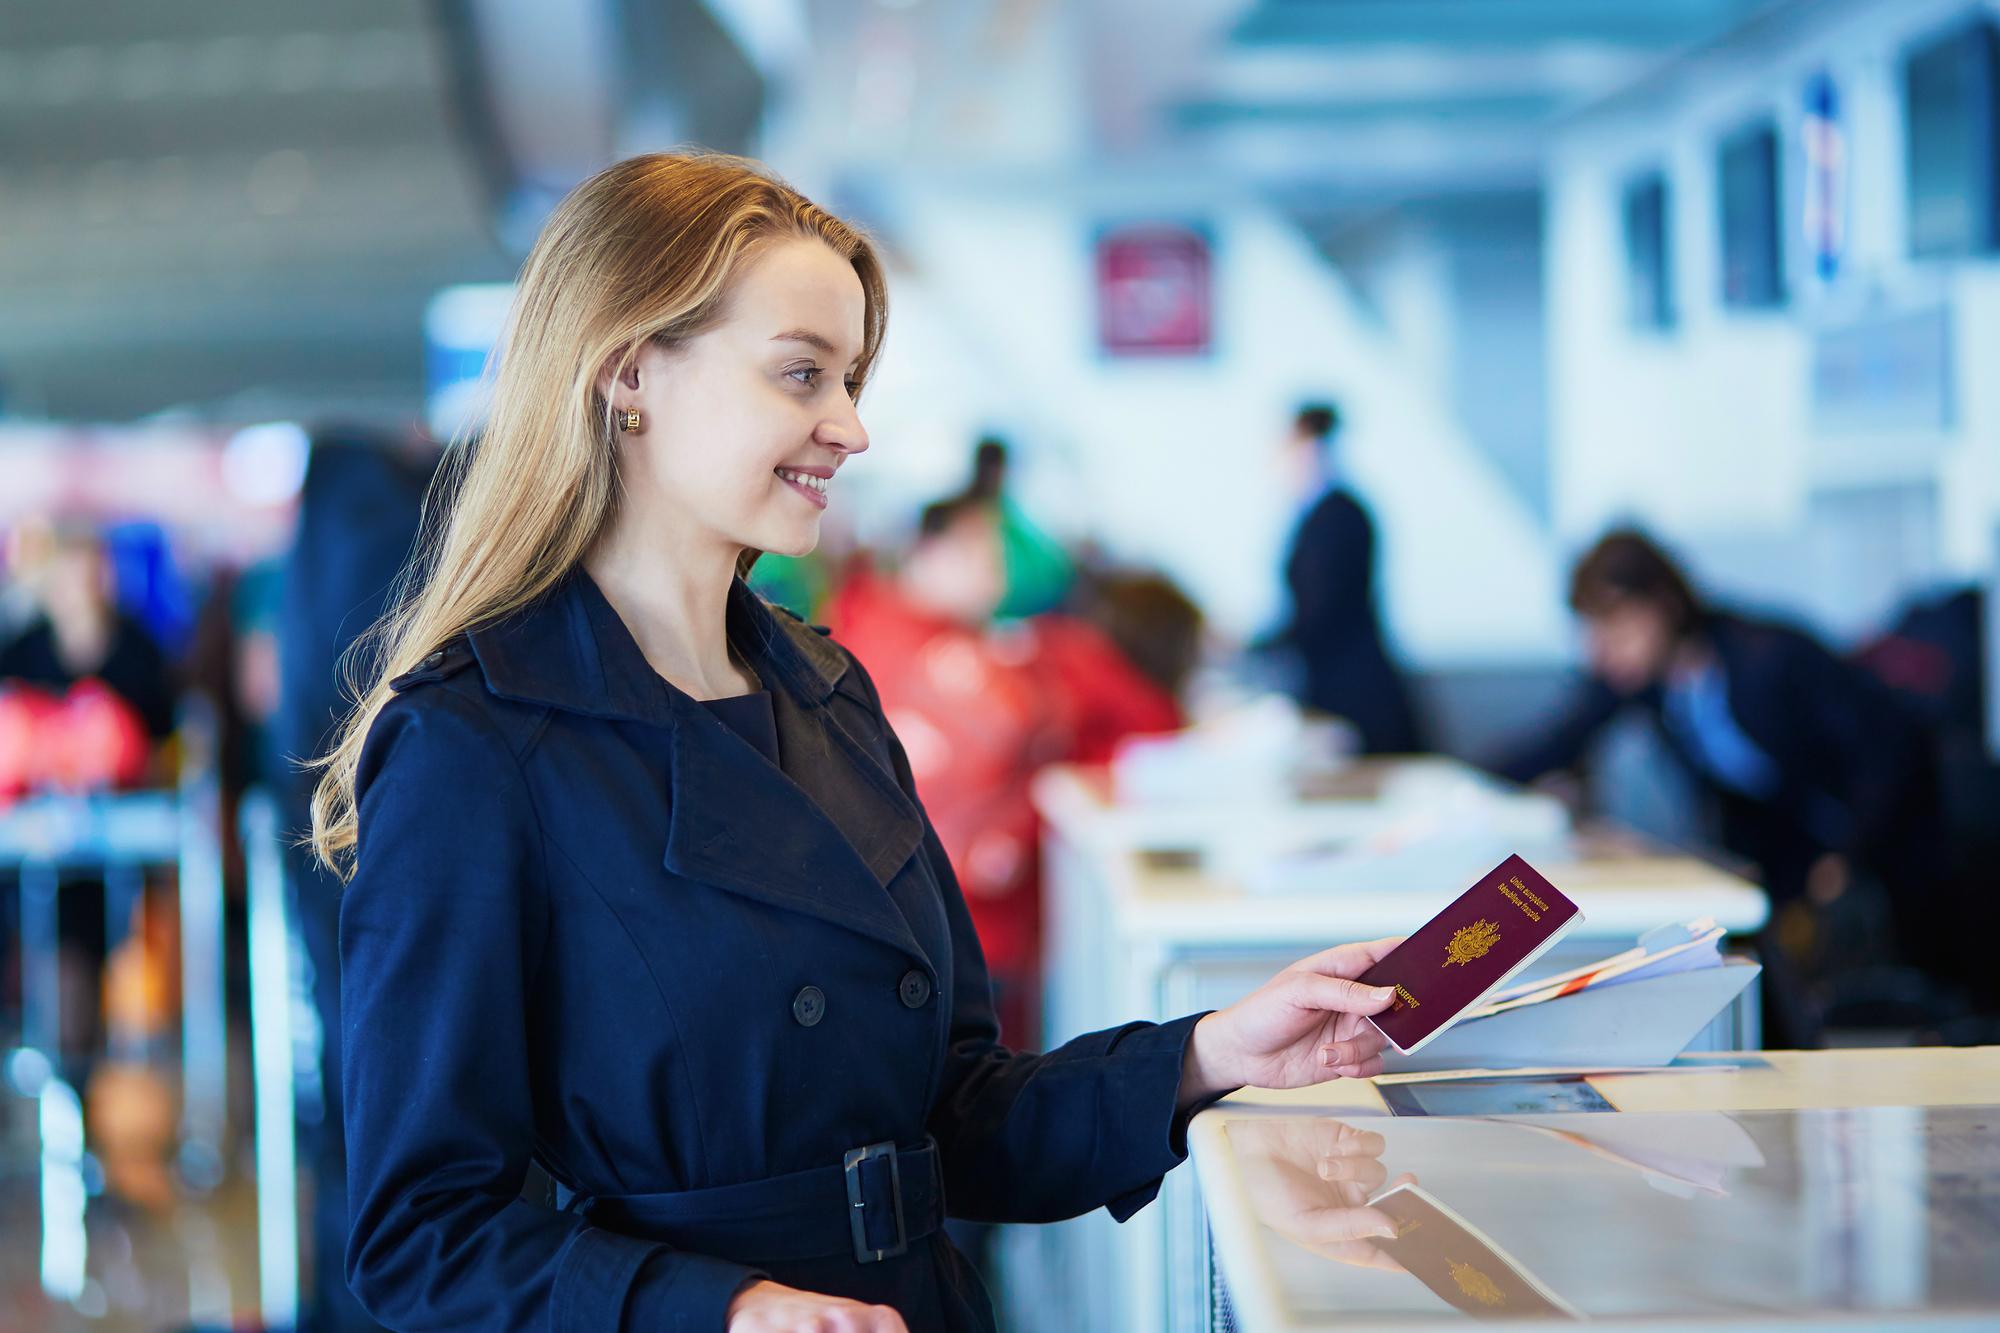 国際線での搭乗券を発行時。「妊婦さんは アップグレードされやすい」は本当か!?